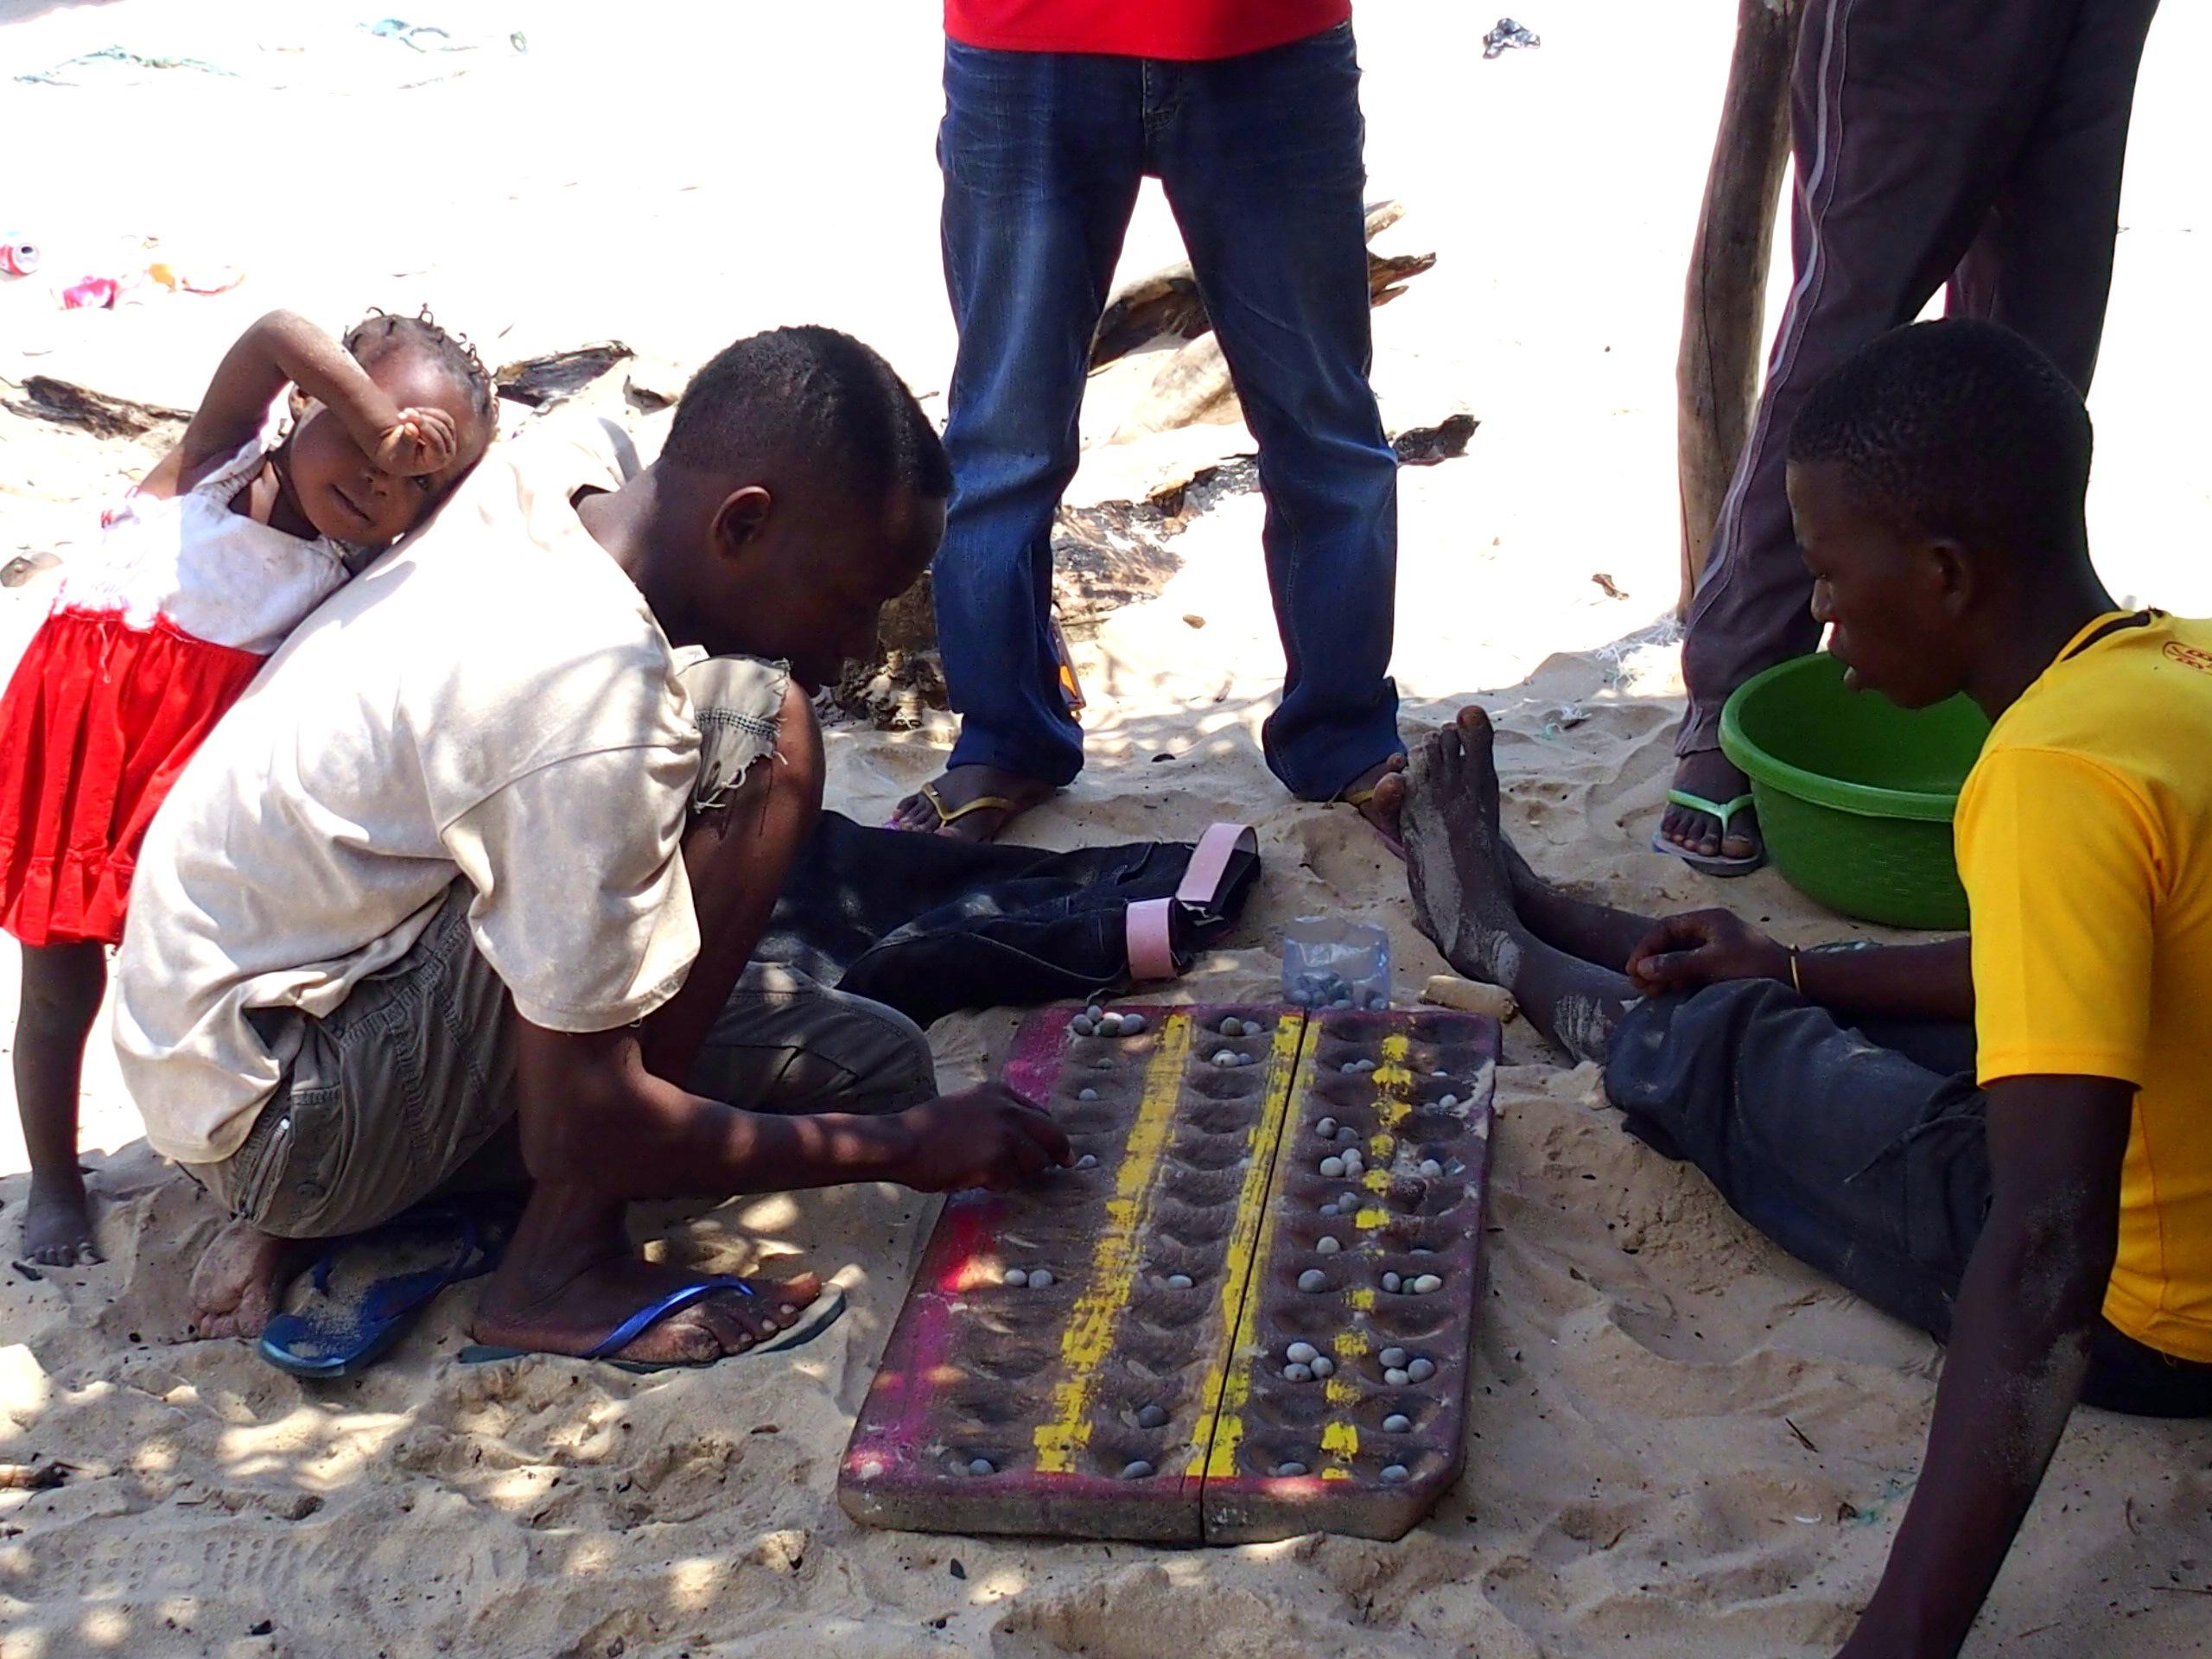 Jeu de palets sur la plage Mozambique.